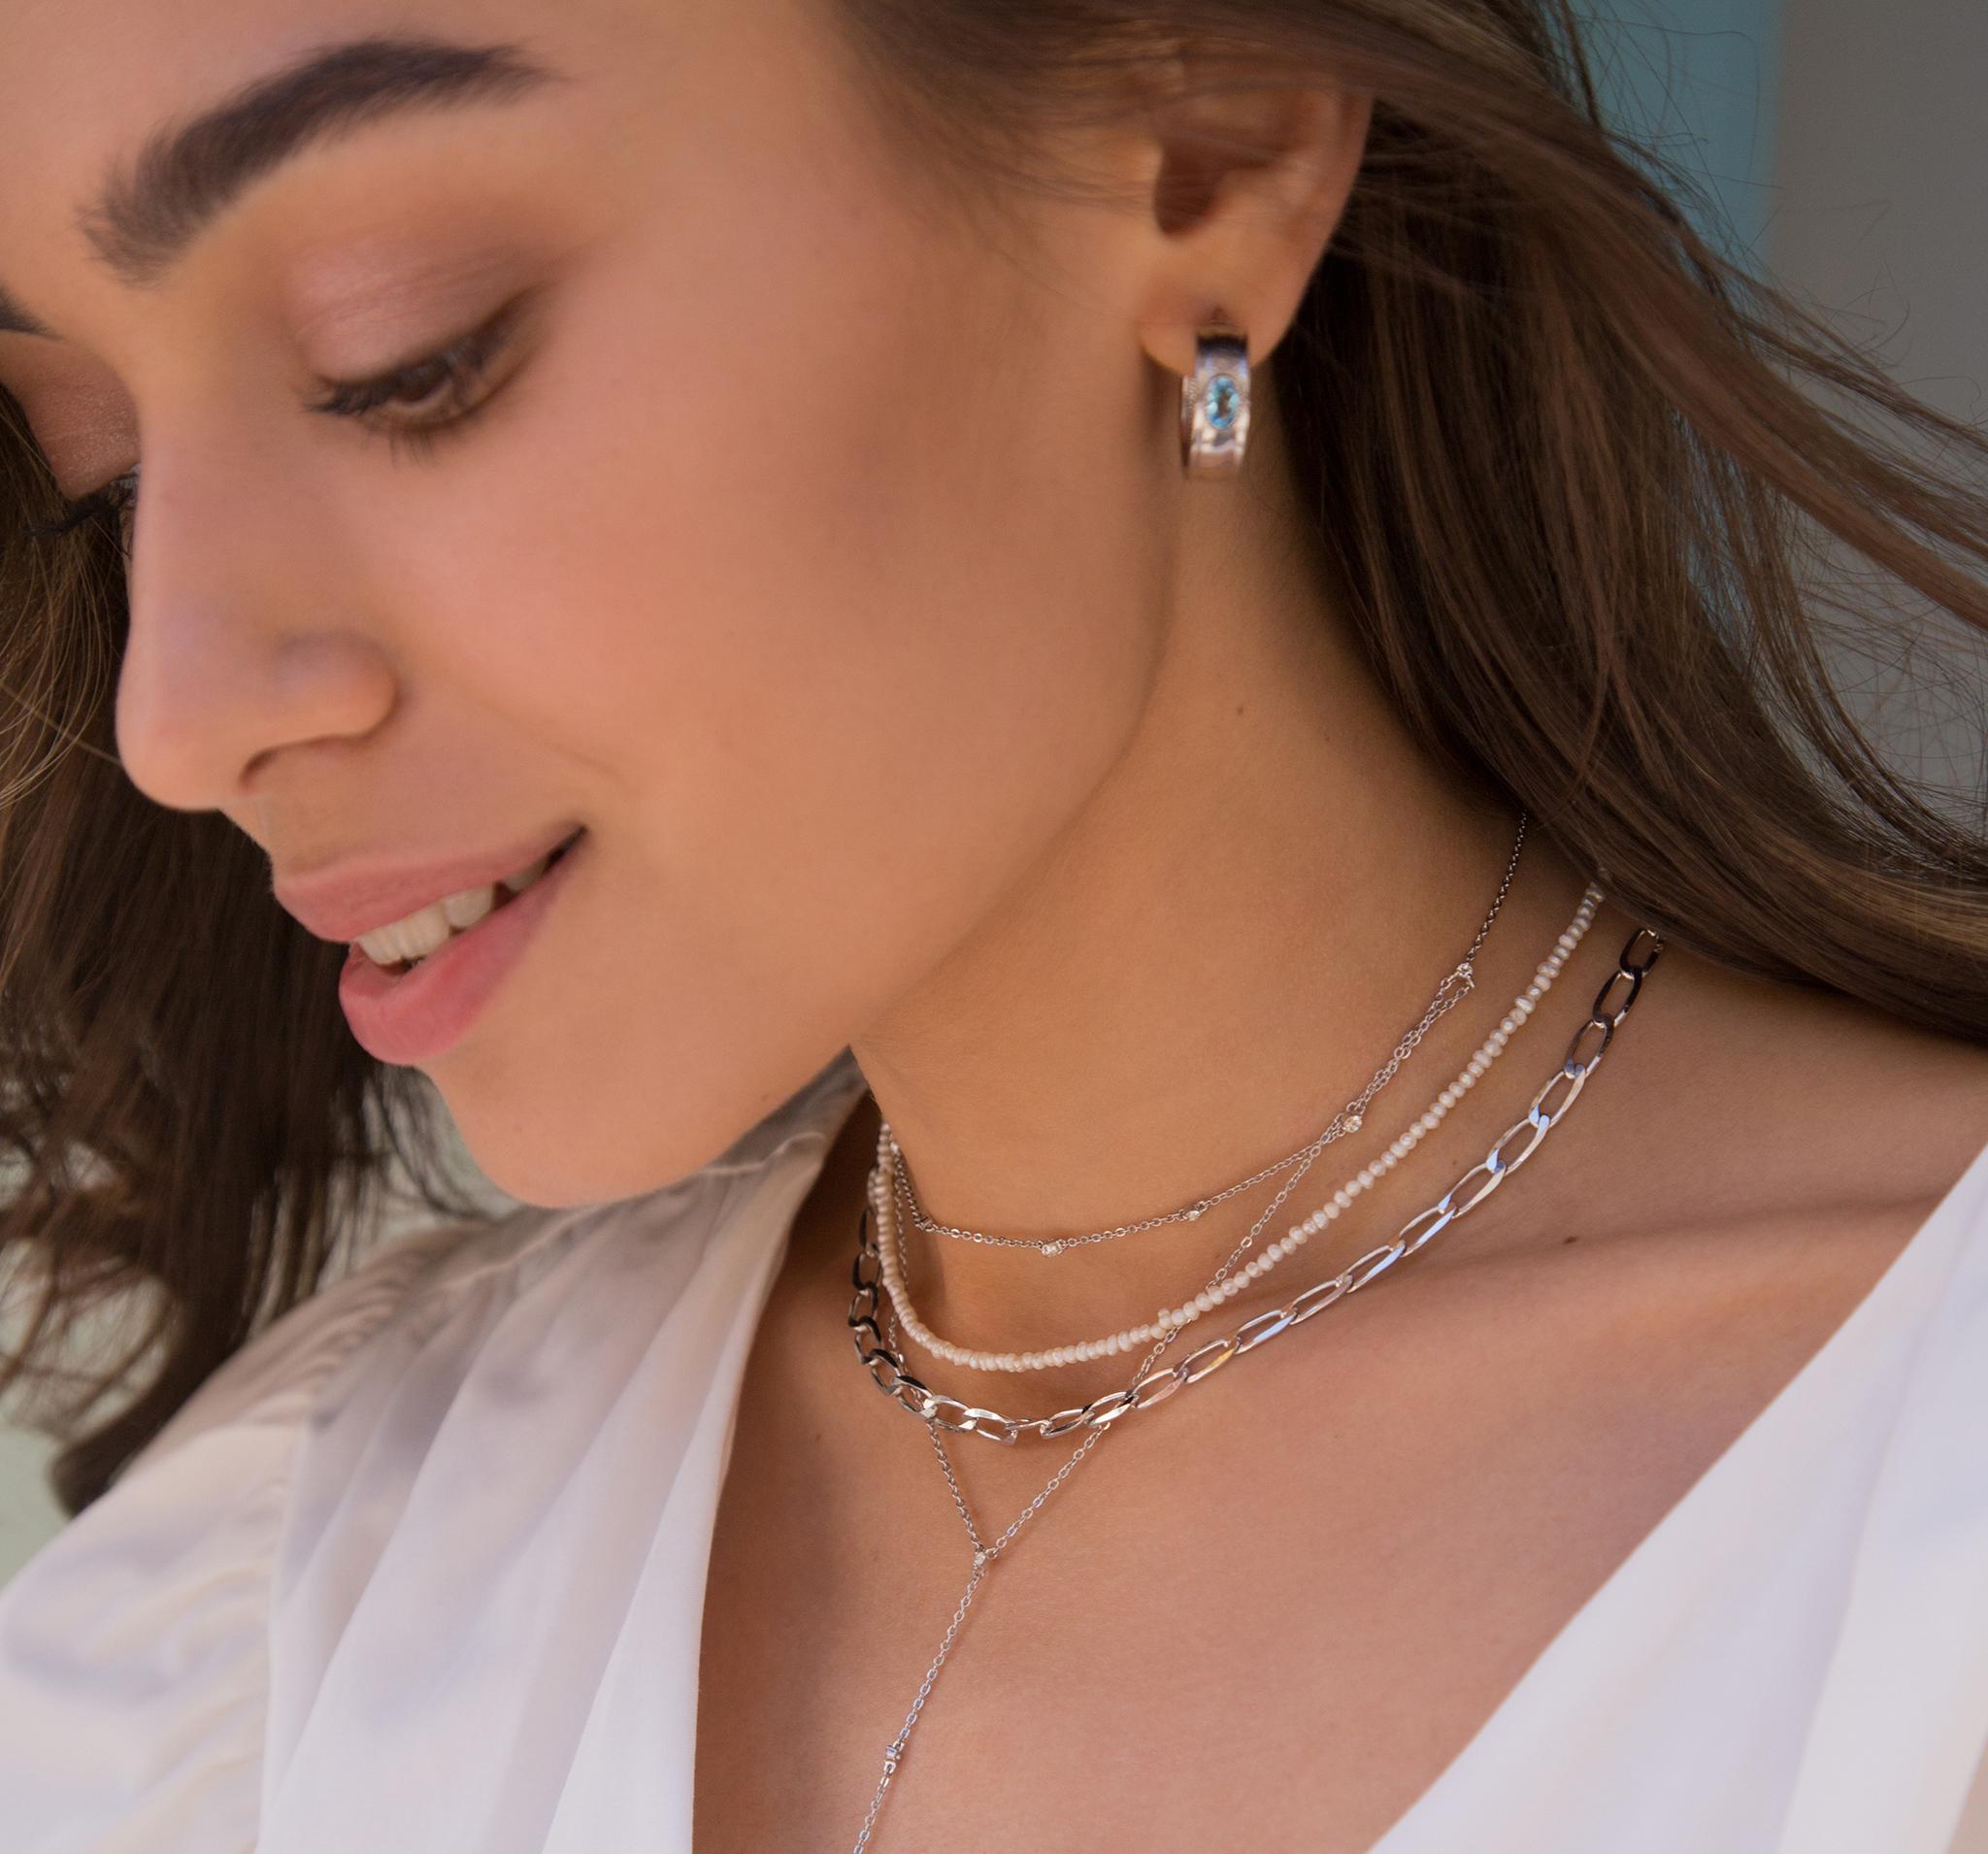 Стильная серебряная цепь на шею с плоским звеном